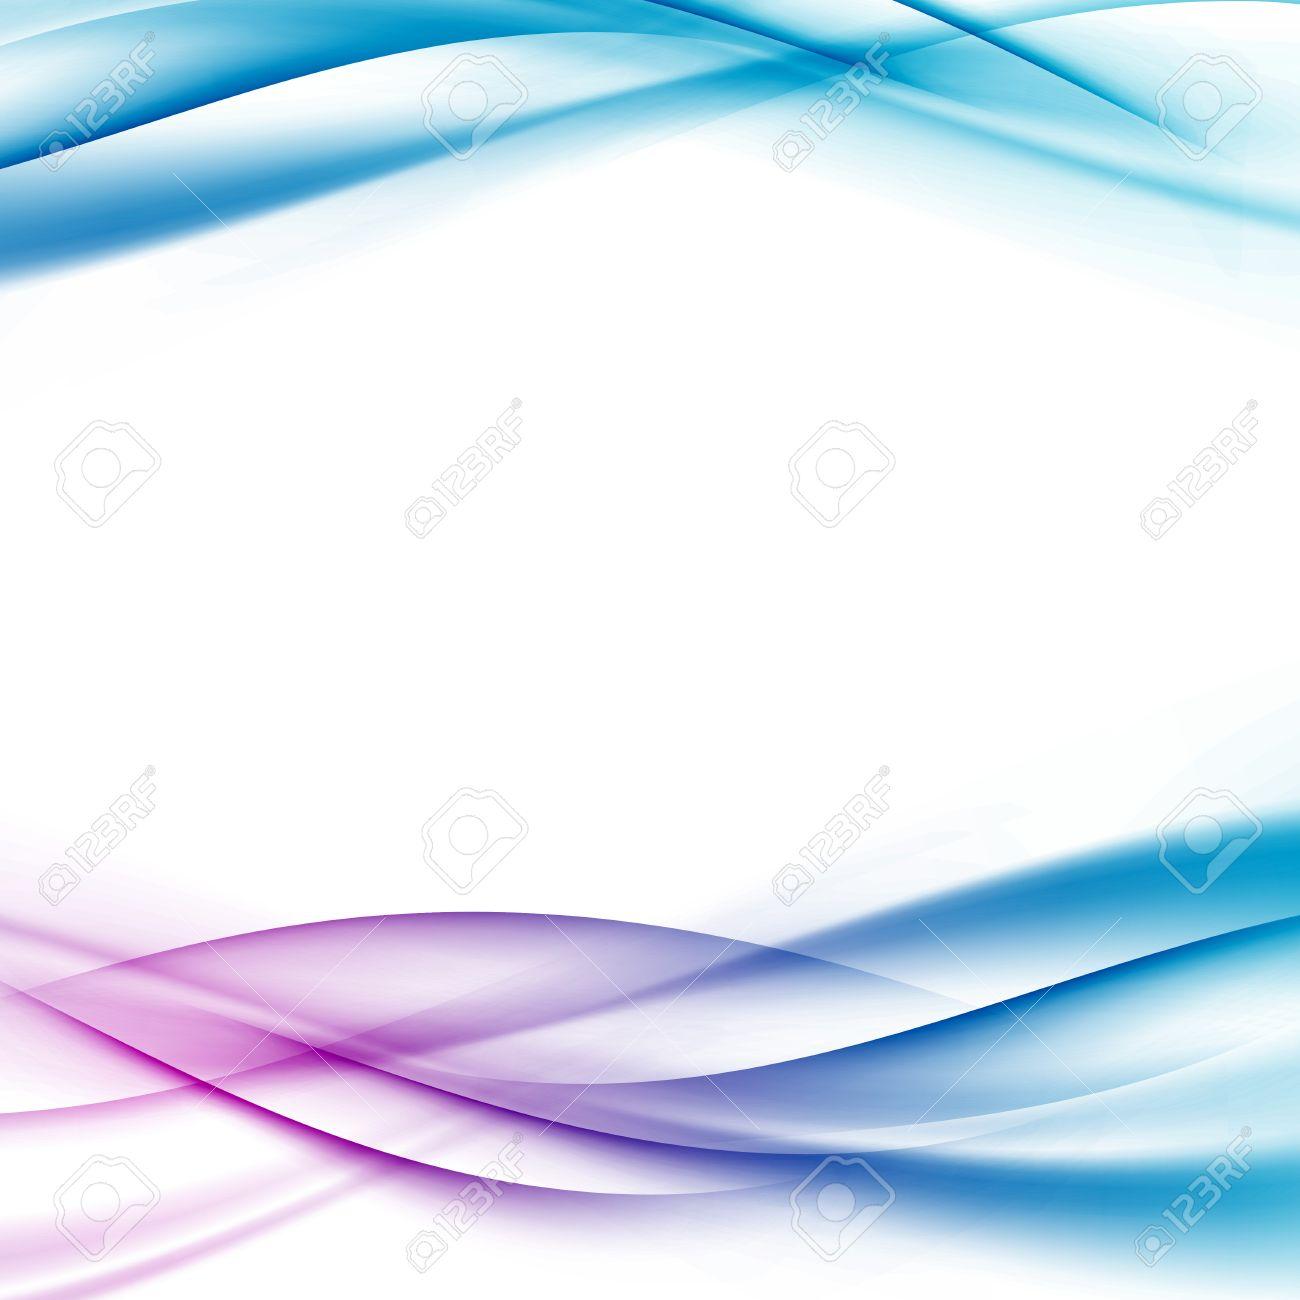 swoosh certificate bright tech modern wave futuristic divided